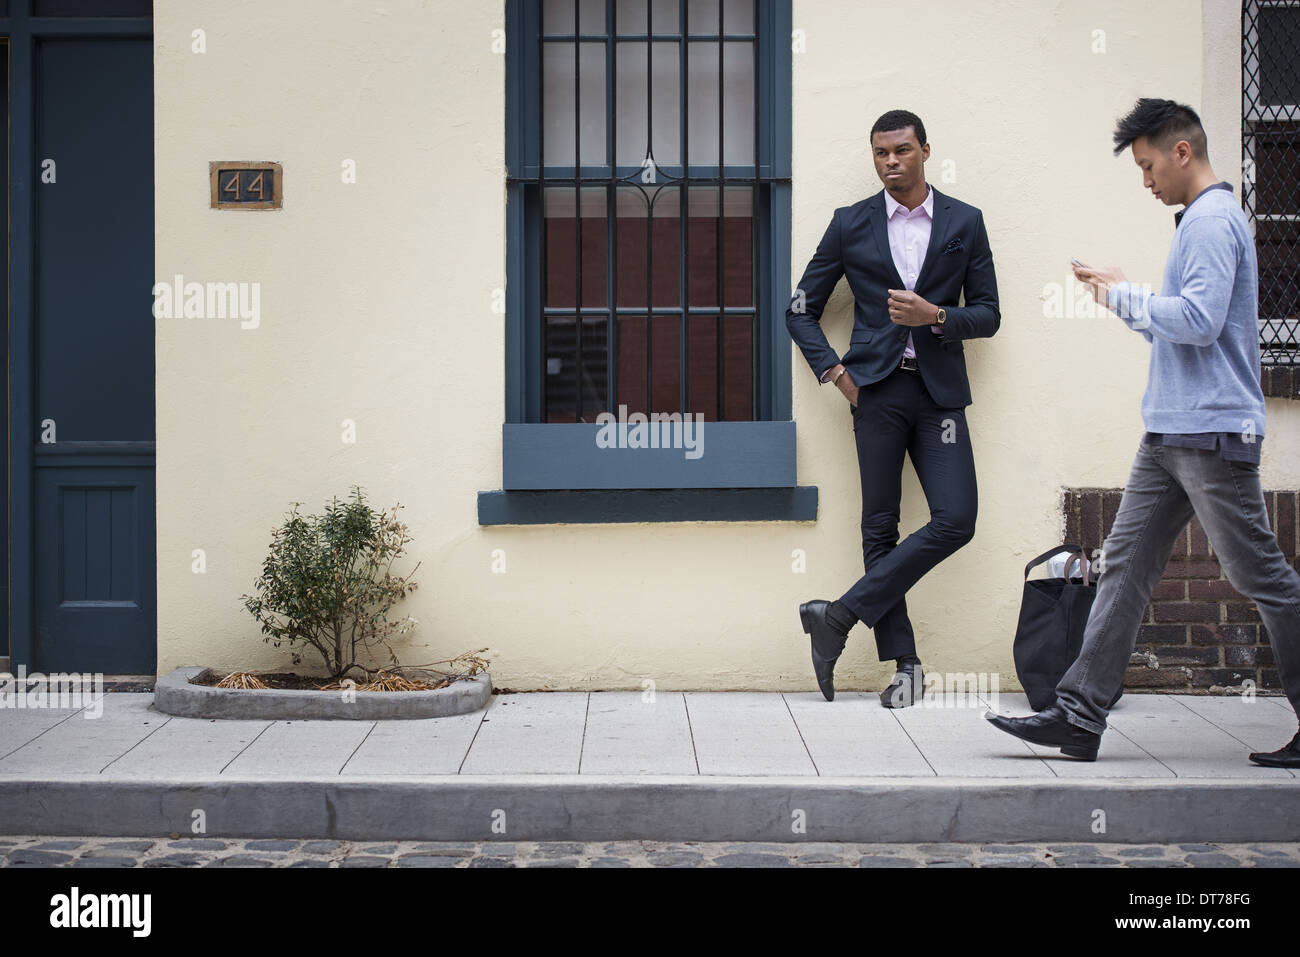 I giovani all'aperto lungo le strade della città in primavera. Uomo appoggiato a un muro e un passato a piedi controllando il suo telefono. Immagini Stock